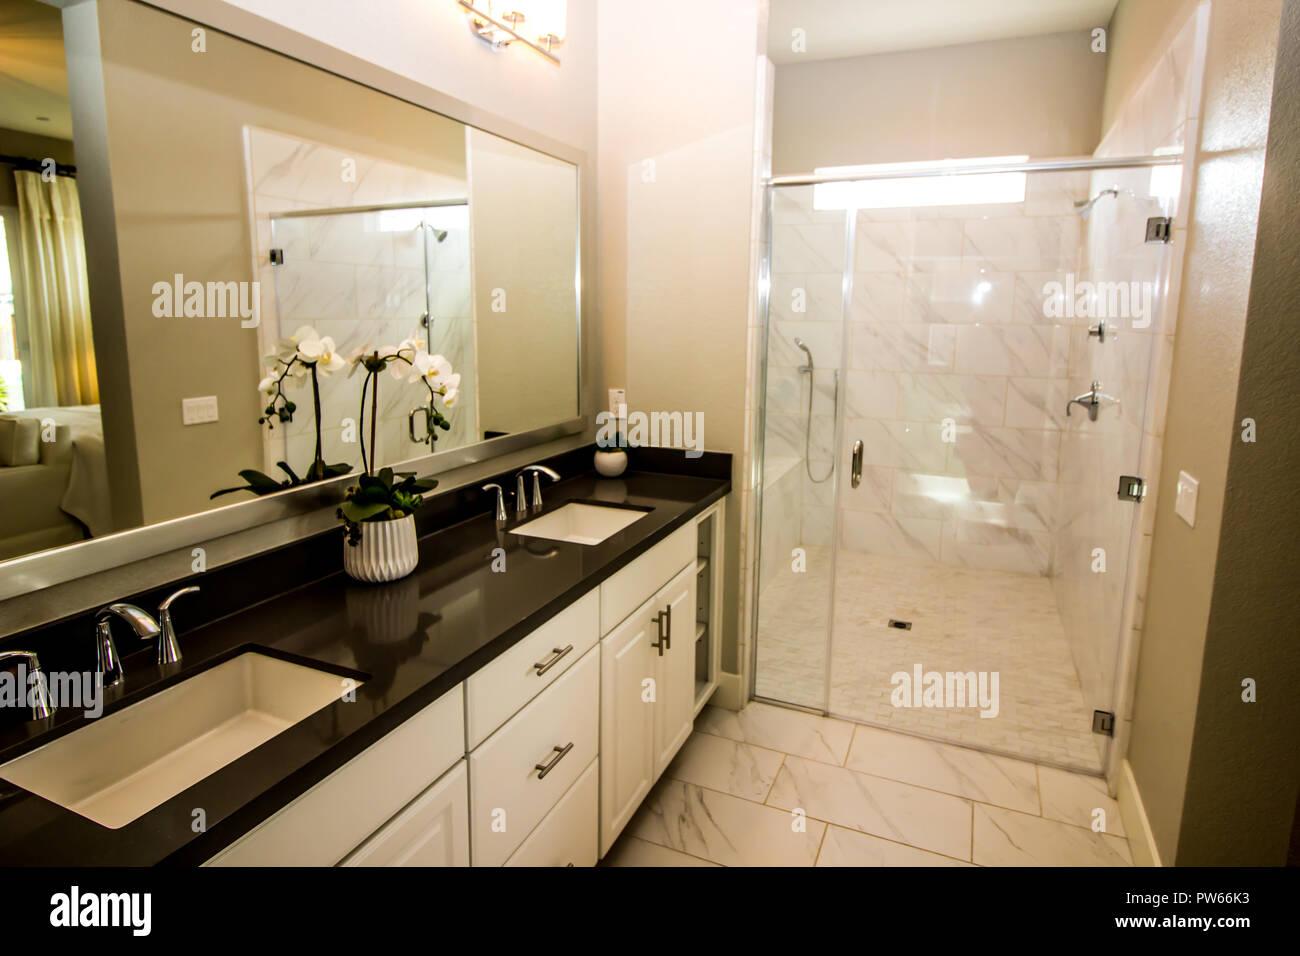 Modernes Bad mit seinem Ihrs & Waschbecken und Dusche aus Glas ...